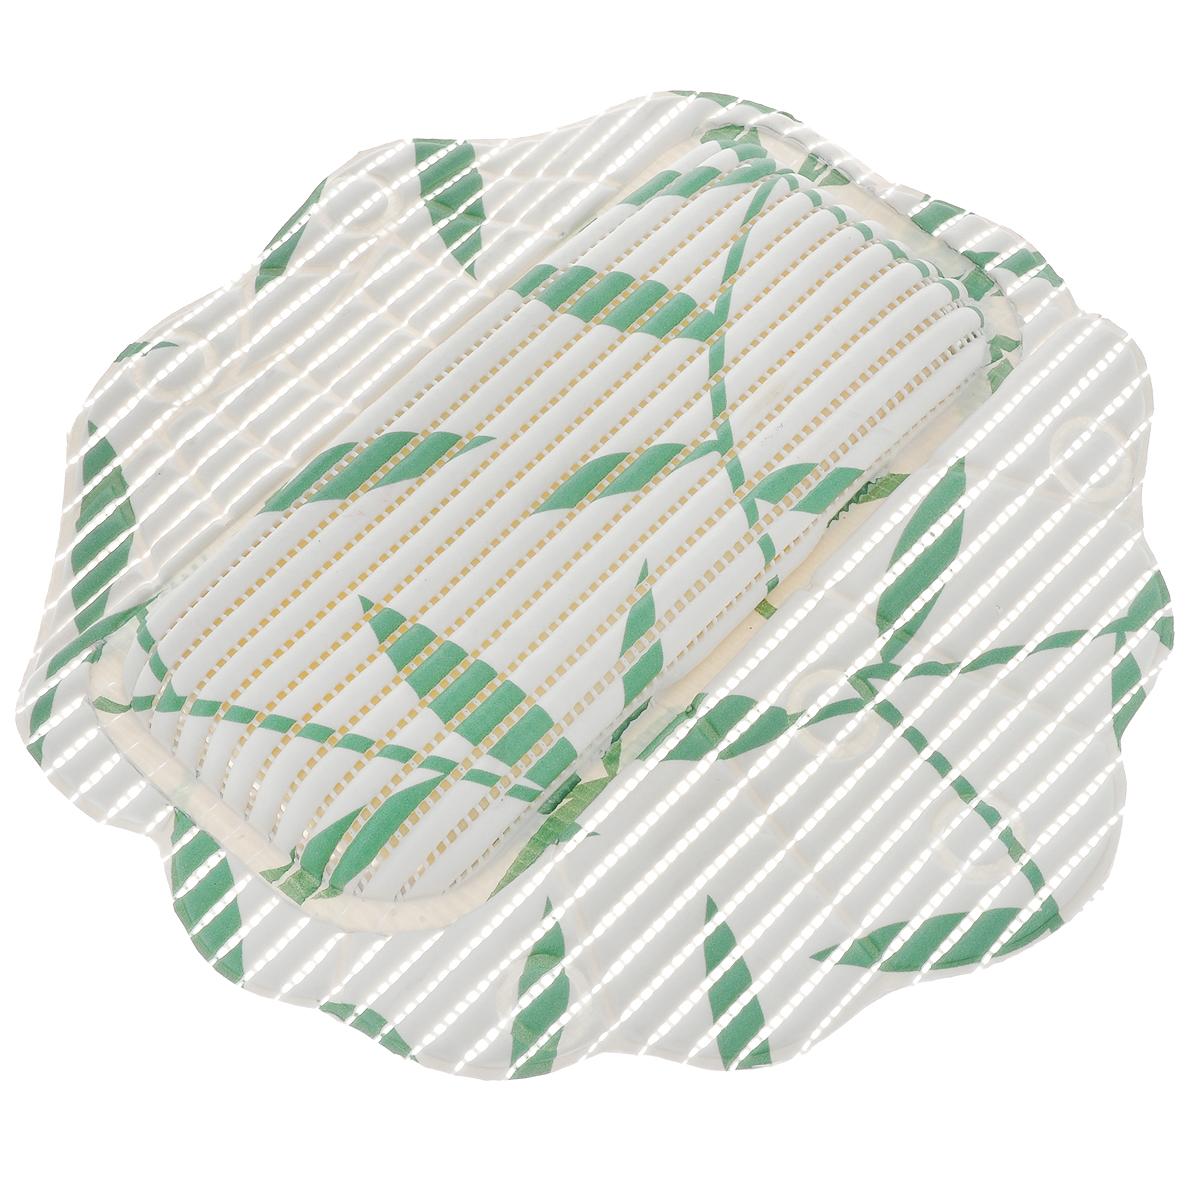 Подушка для ванны Fresh Code Flexy, на присосках, цвет: белый, зеленый, 33 см х 33 см55764_белый, зеленыйПодушка для ванны Fresh Code Flexy обеспечивает комфорт во время принятия ванны. Крепится на поверхность ванной с помощью присосок. Выполнена из ПВХ.